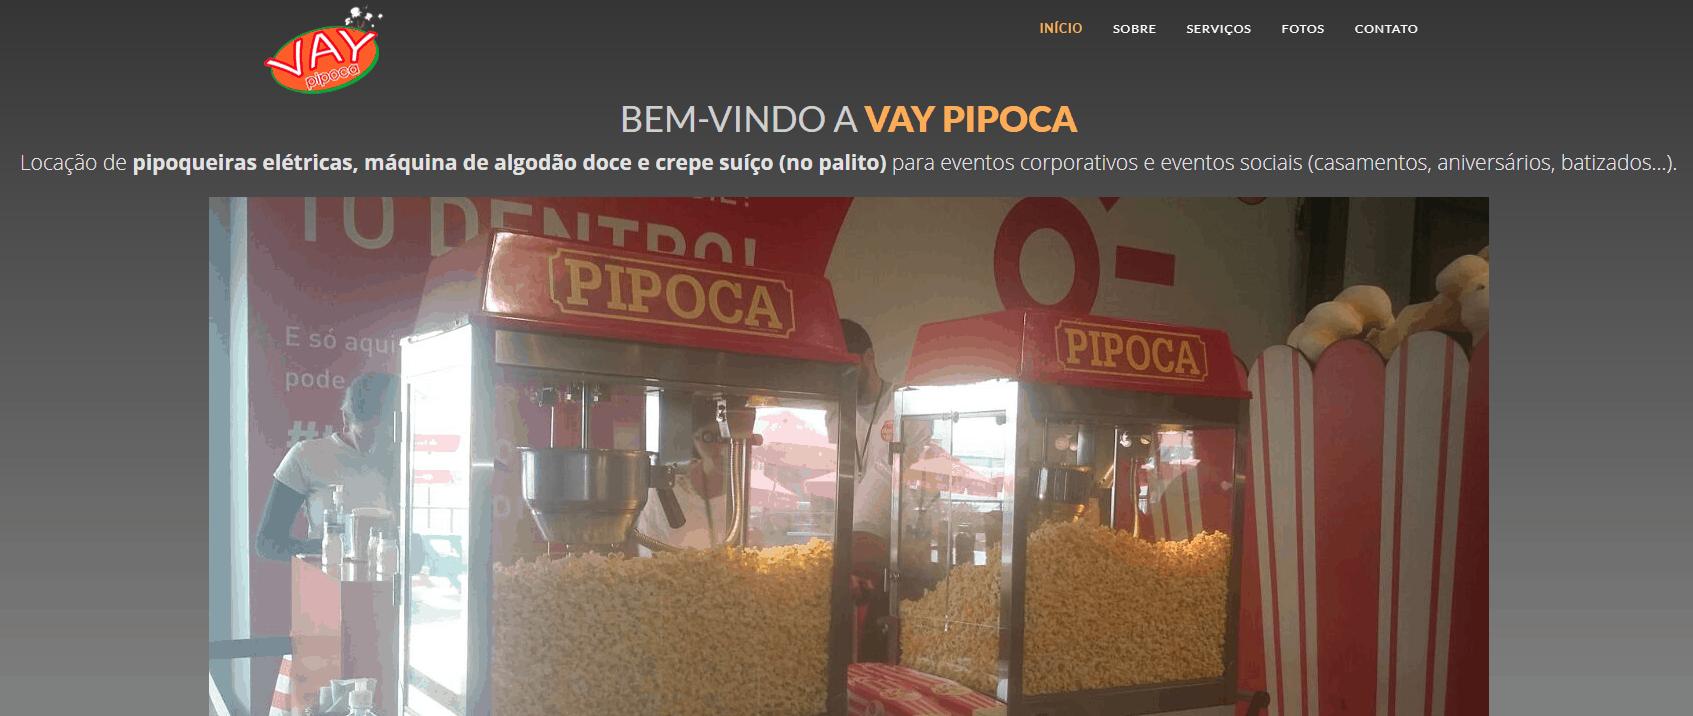 Hostinger Hospedagem WordPress - Casos de Sucesso - Vay Pipoca